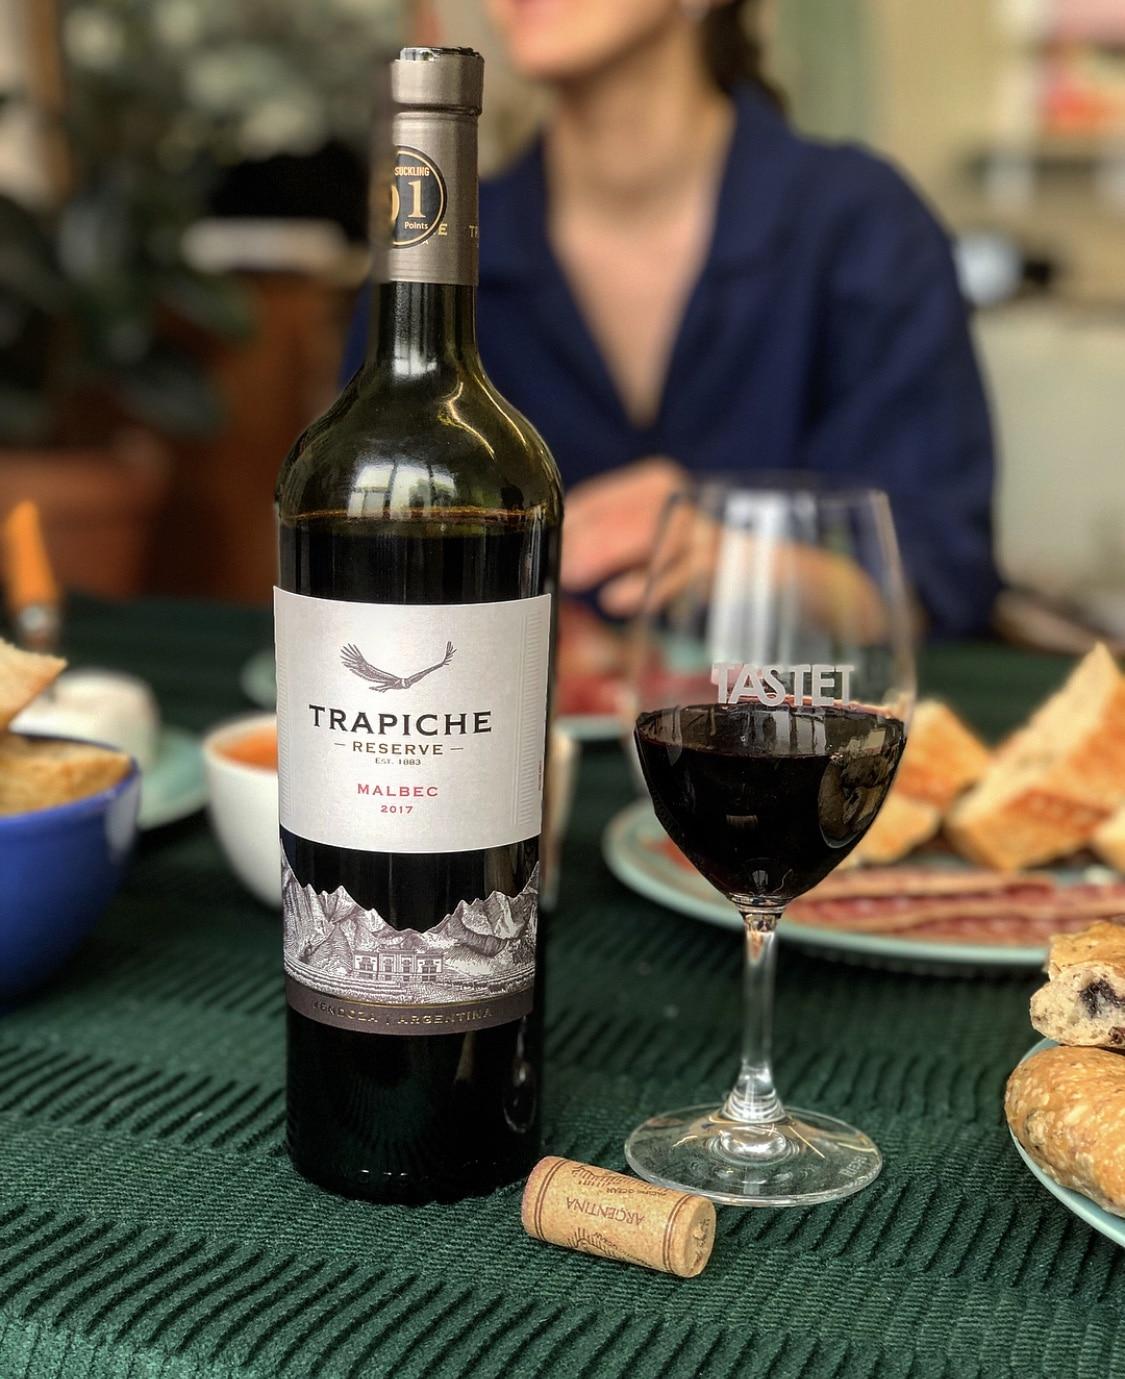 trapiche vins publicité